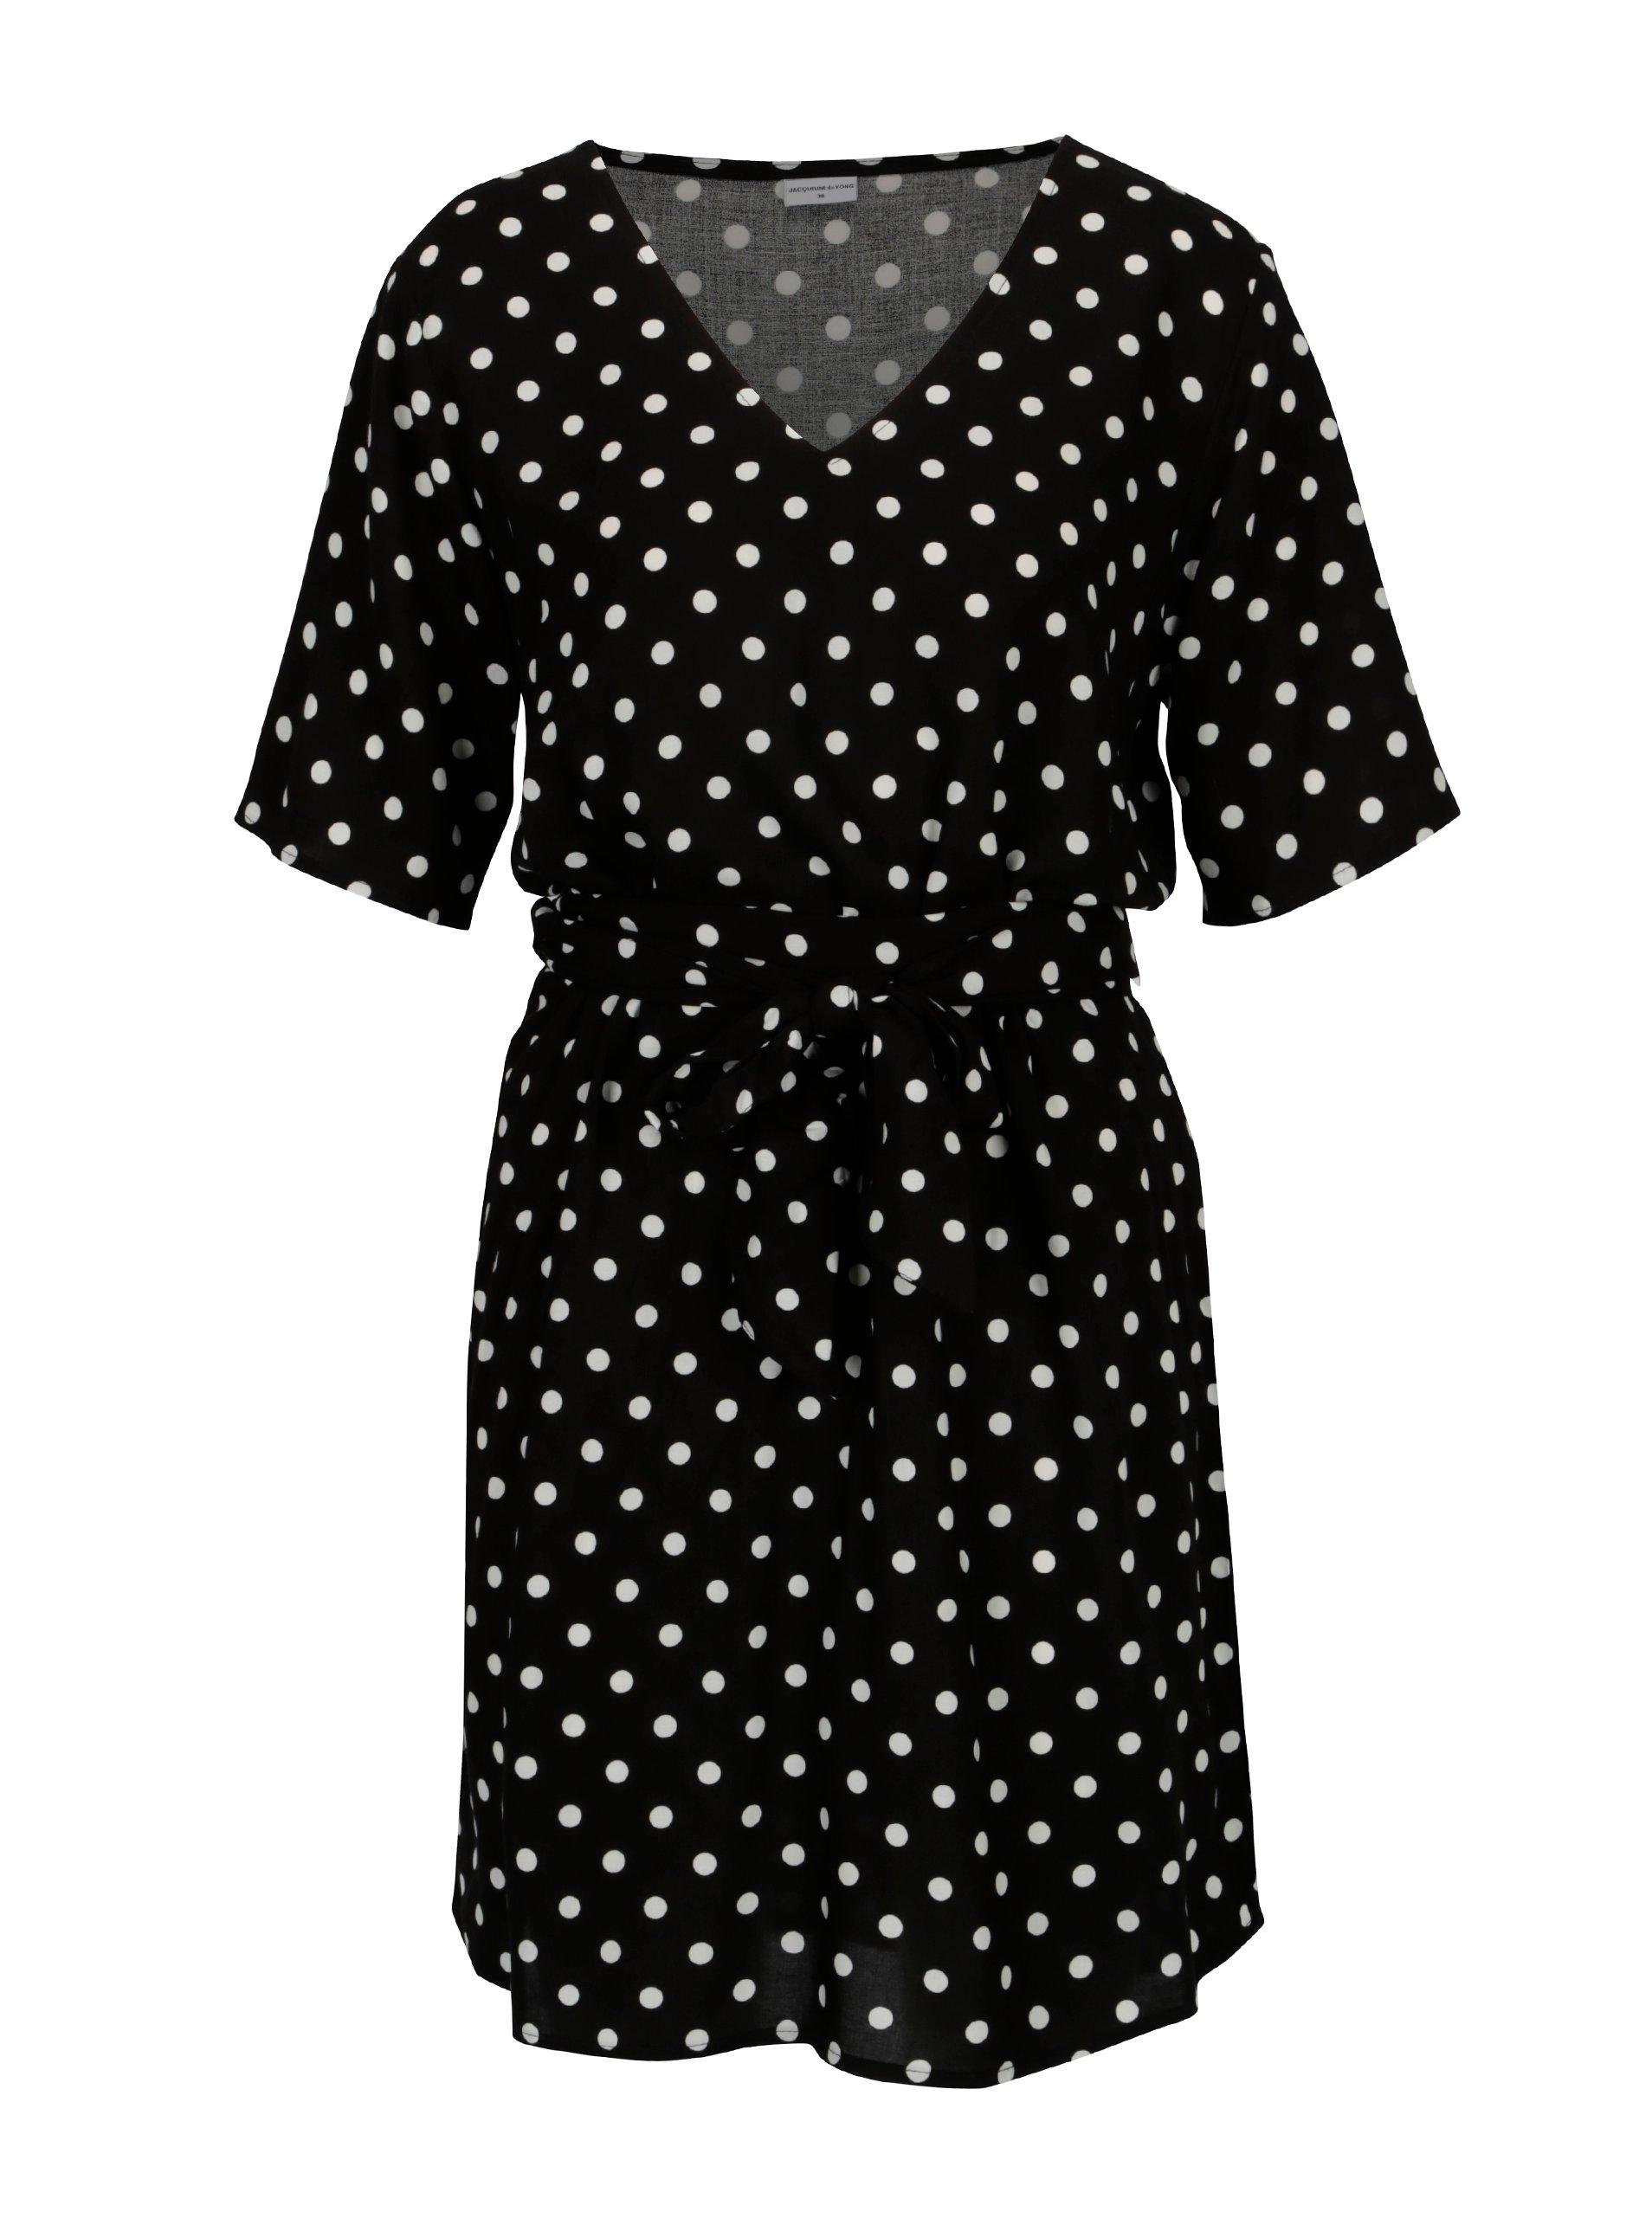 Černé puntíkované šaty s véčkovým výstřihem Jacqueline de Yong Ann